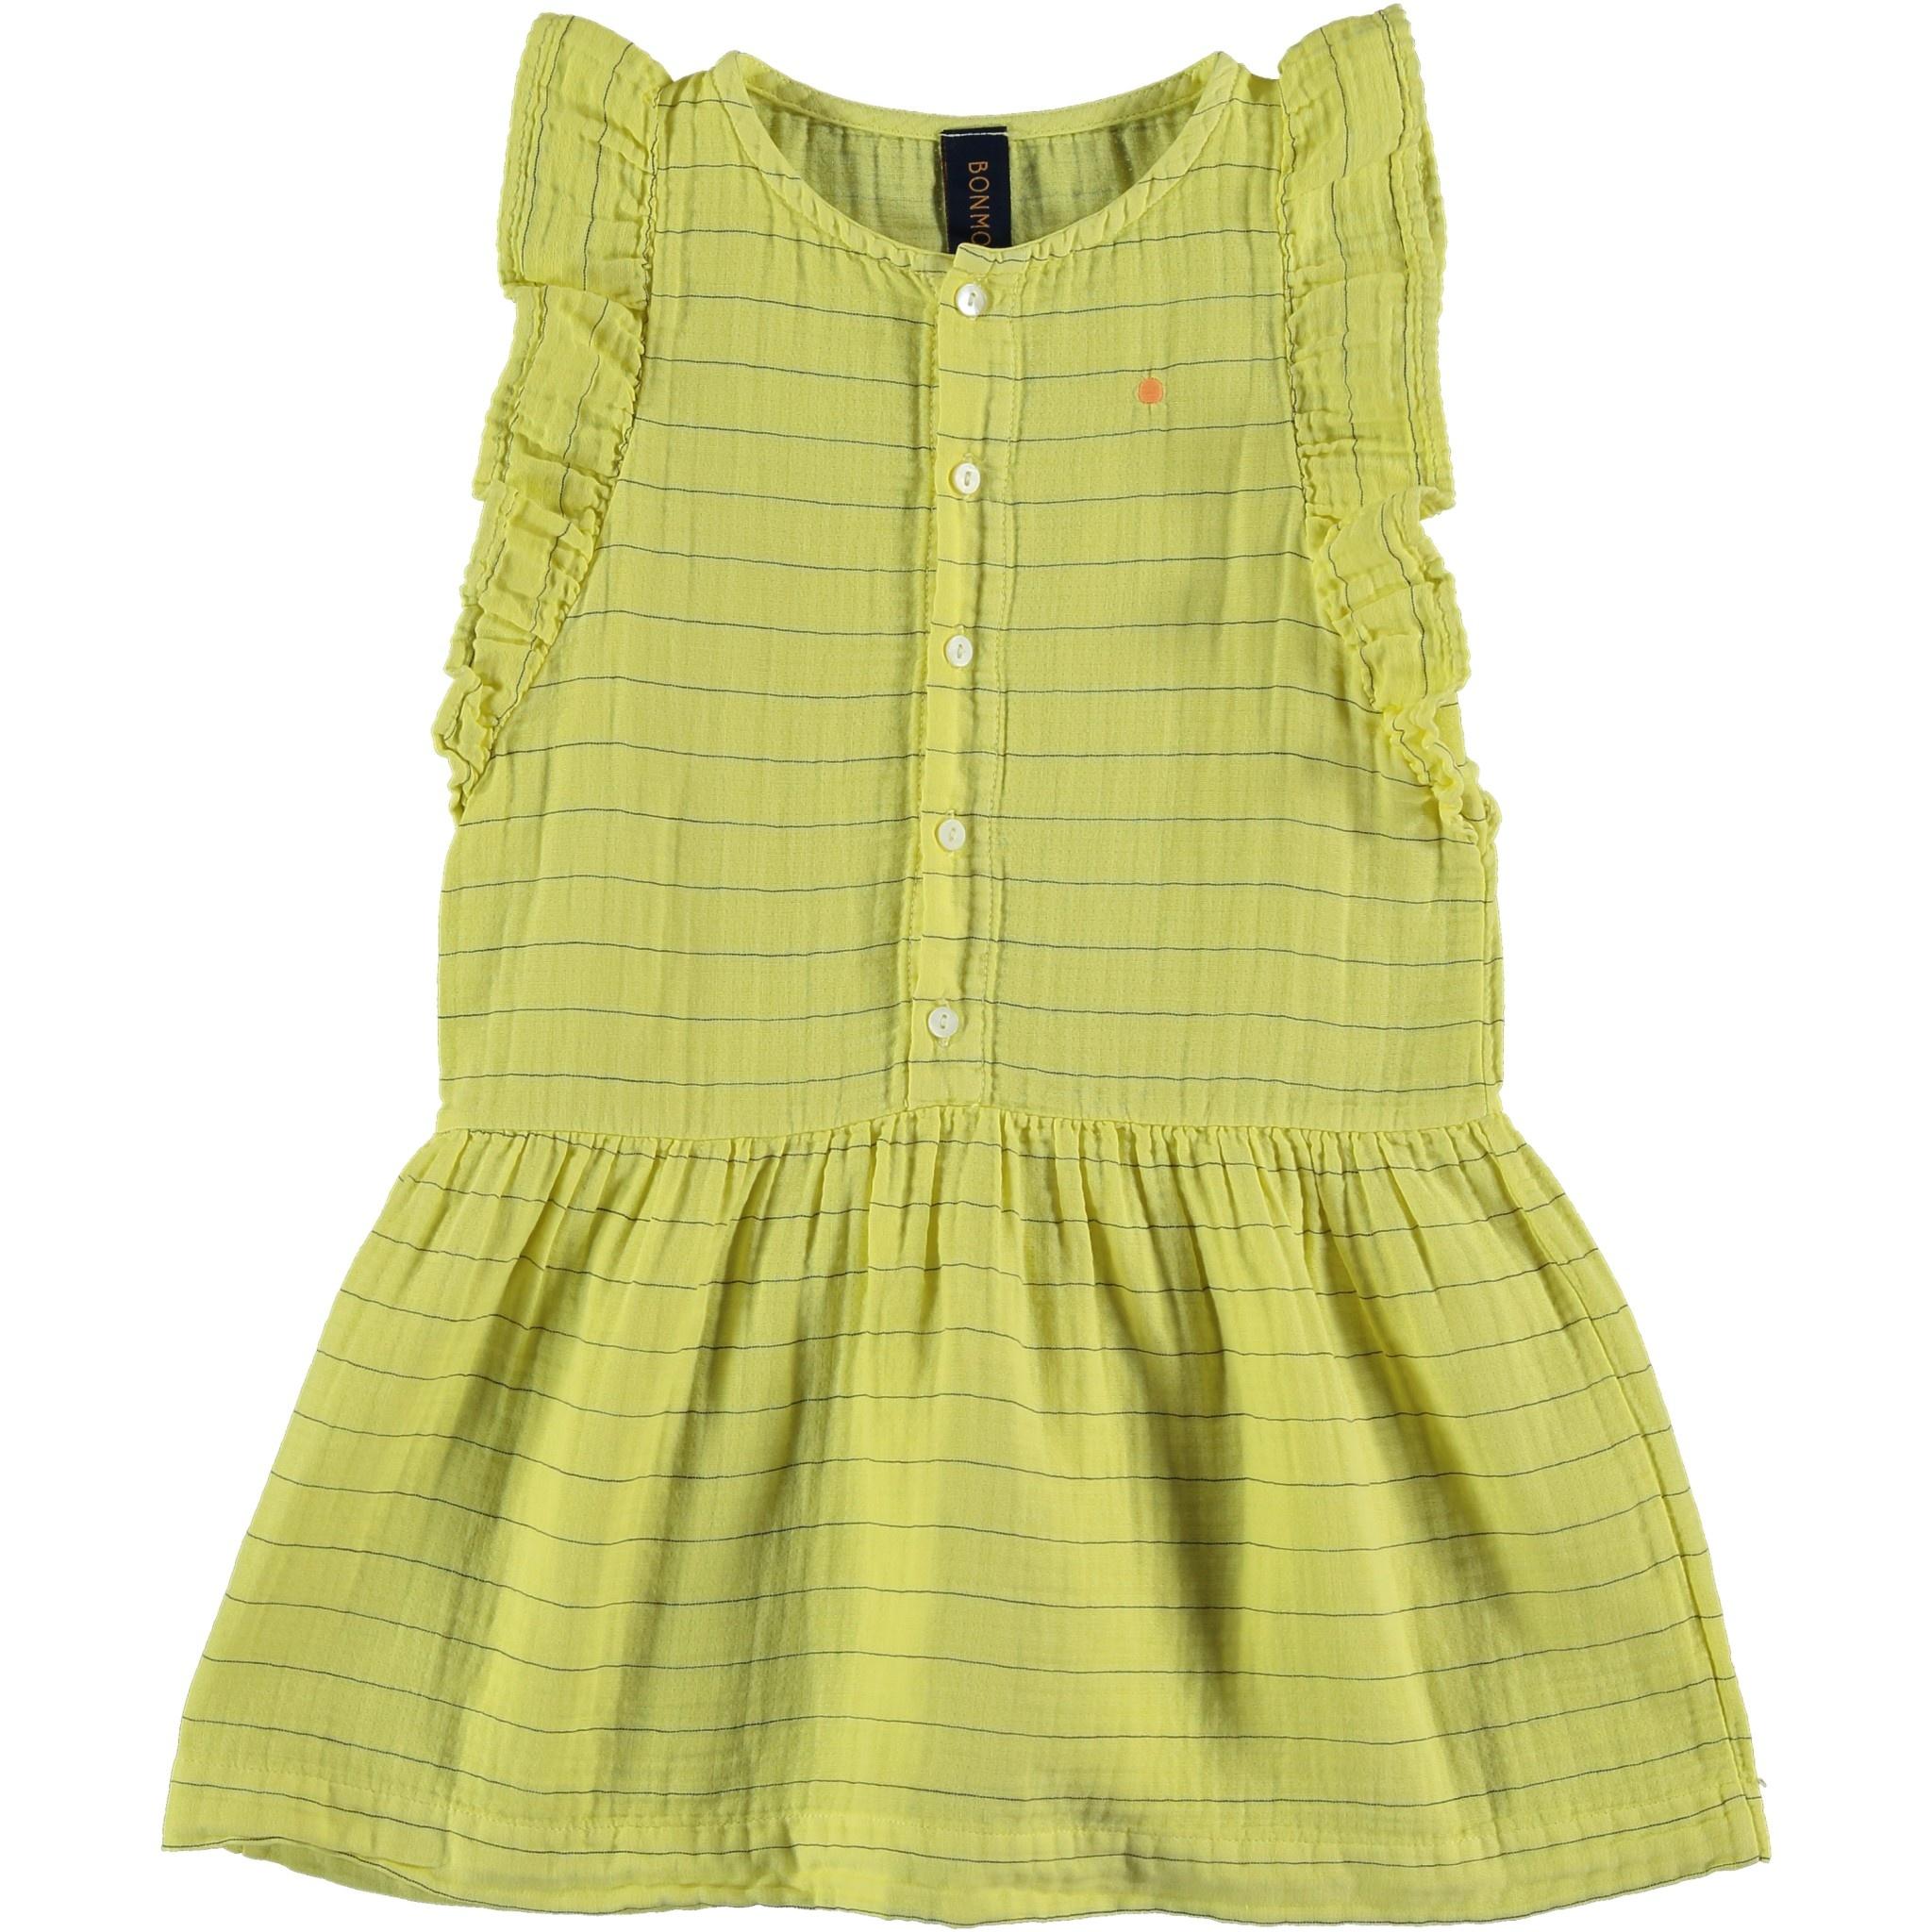 Dress frill stripes dot sunshine yellow-3